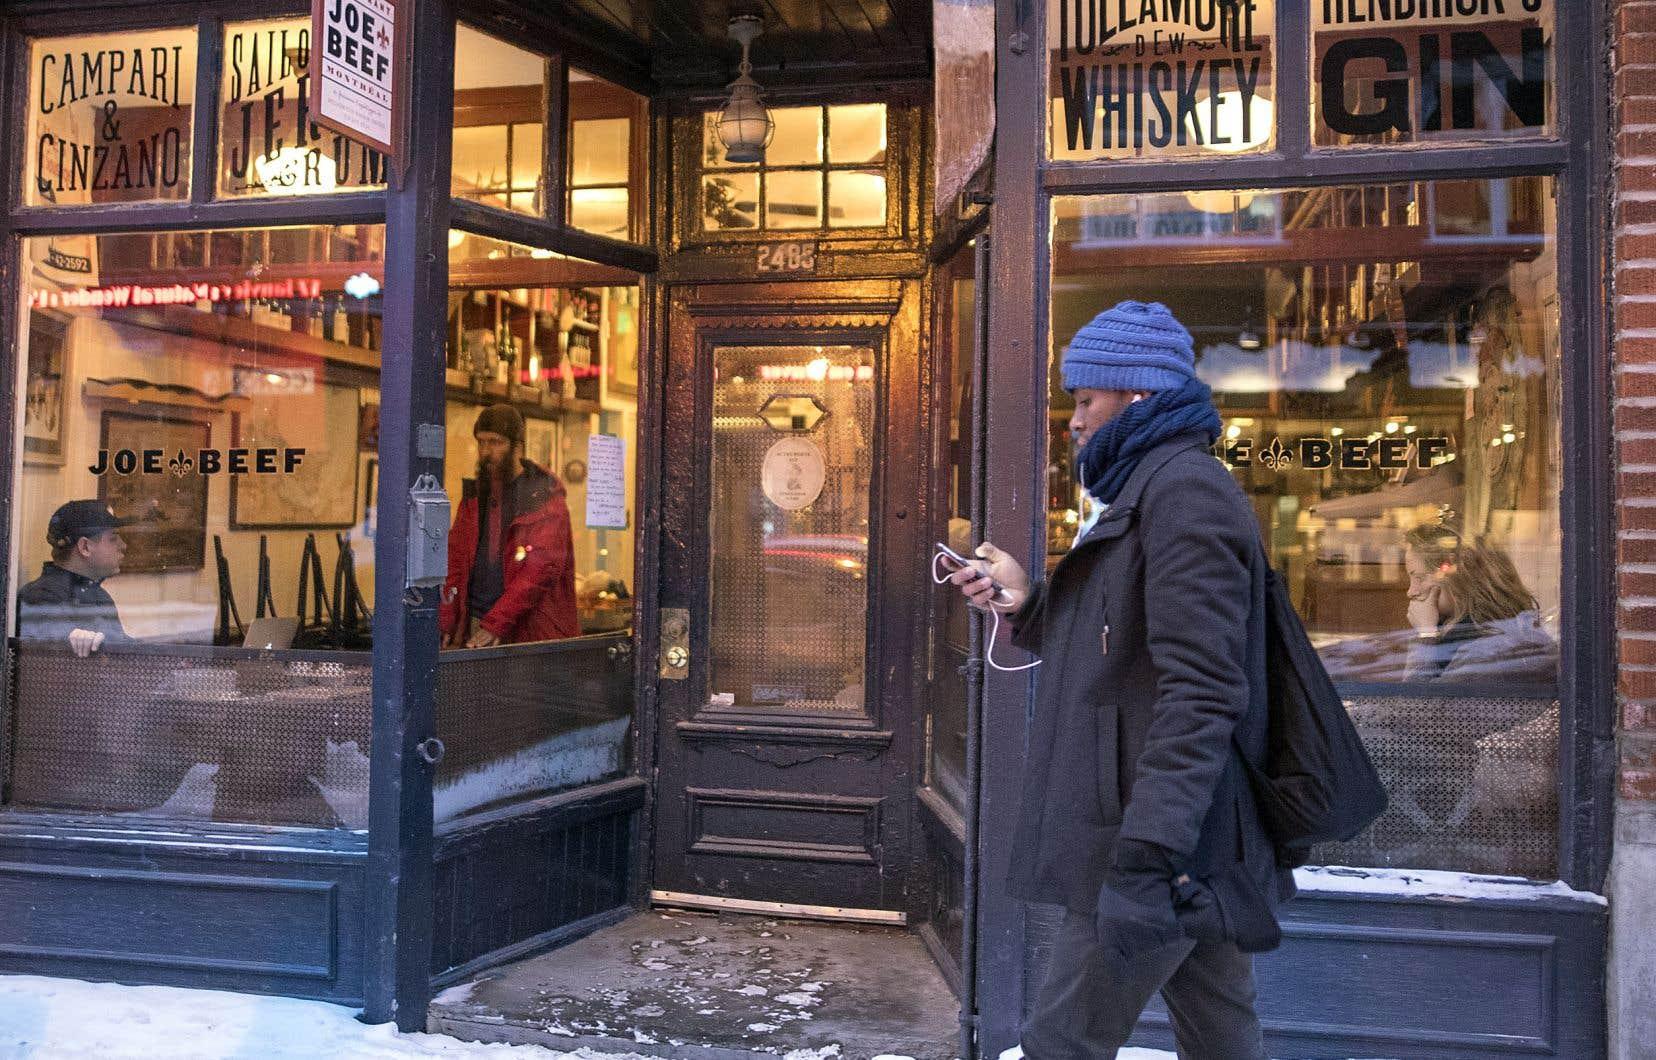 Le réputé restaurant Joe Beef a perdu sa cave à vin de collection dans la nuit de dimanche à lundi en raison d'une fuite d'eau causée par le dégel d'un tuyau.